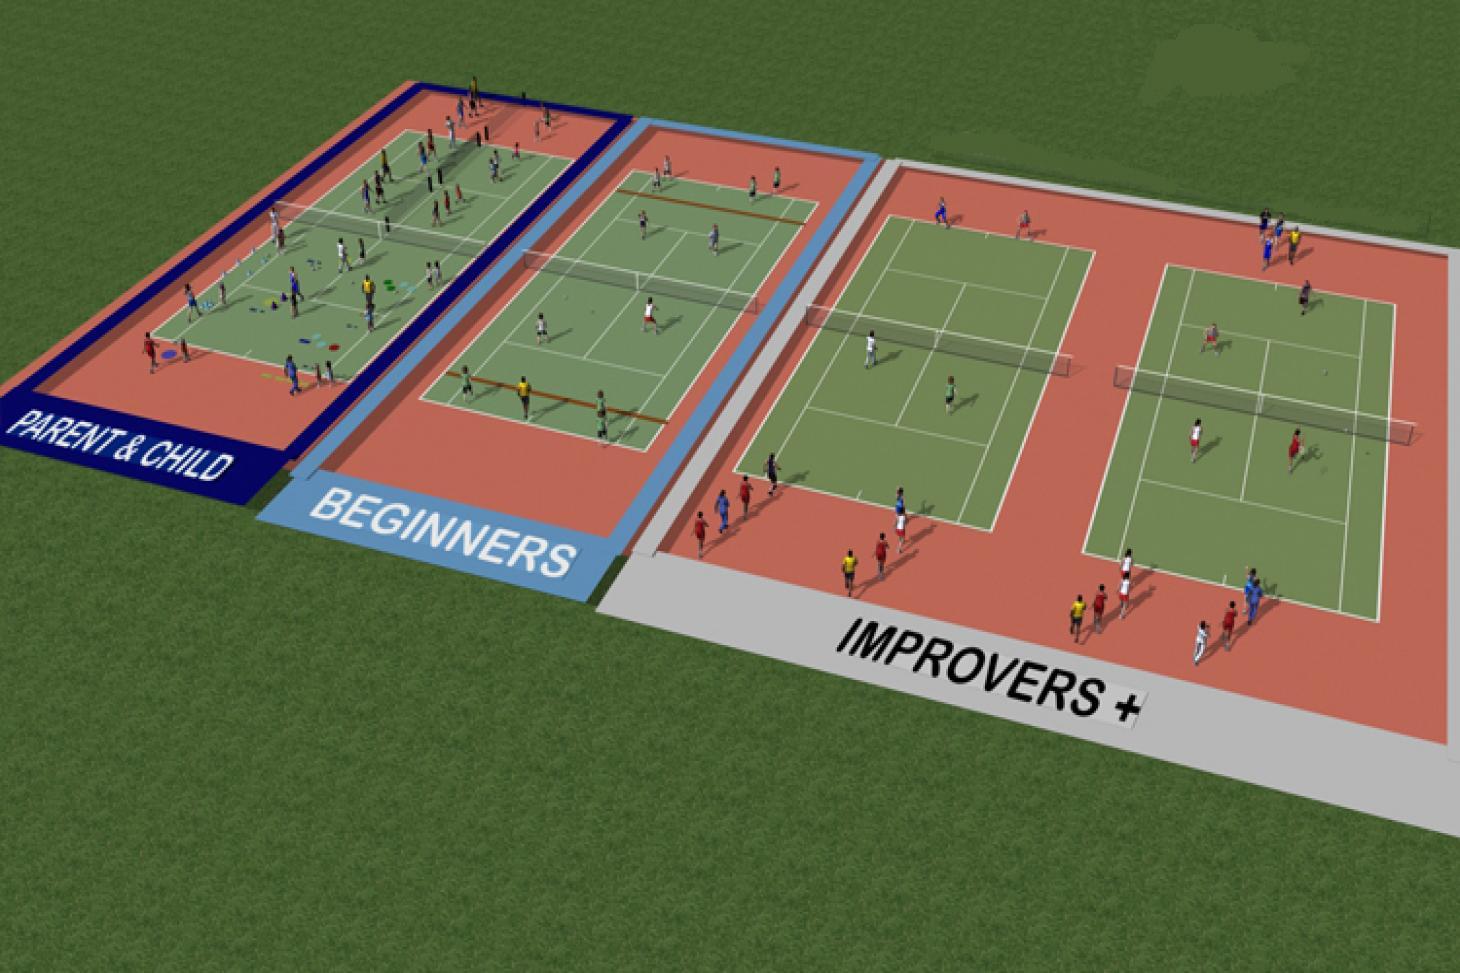 Tamworth Farm Recreation Ground Outdoor | Hard (macadam) tennis court